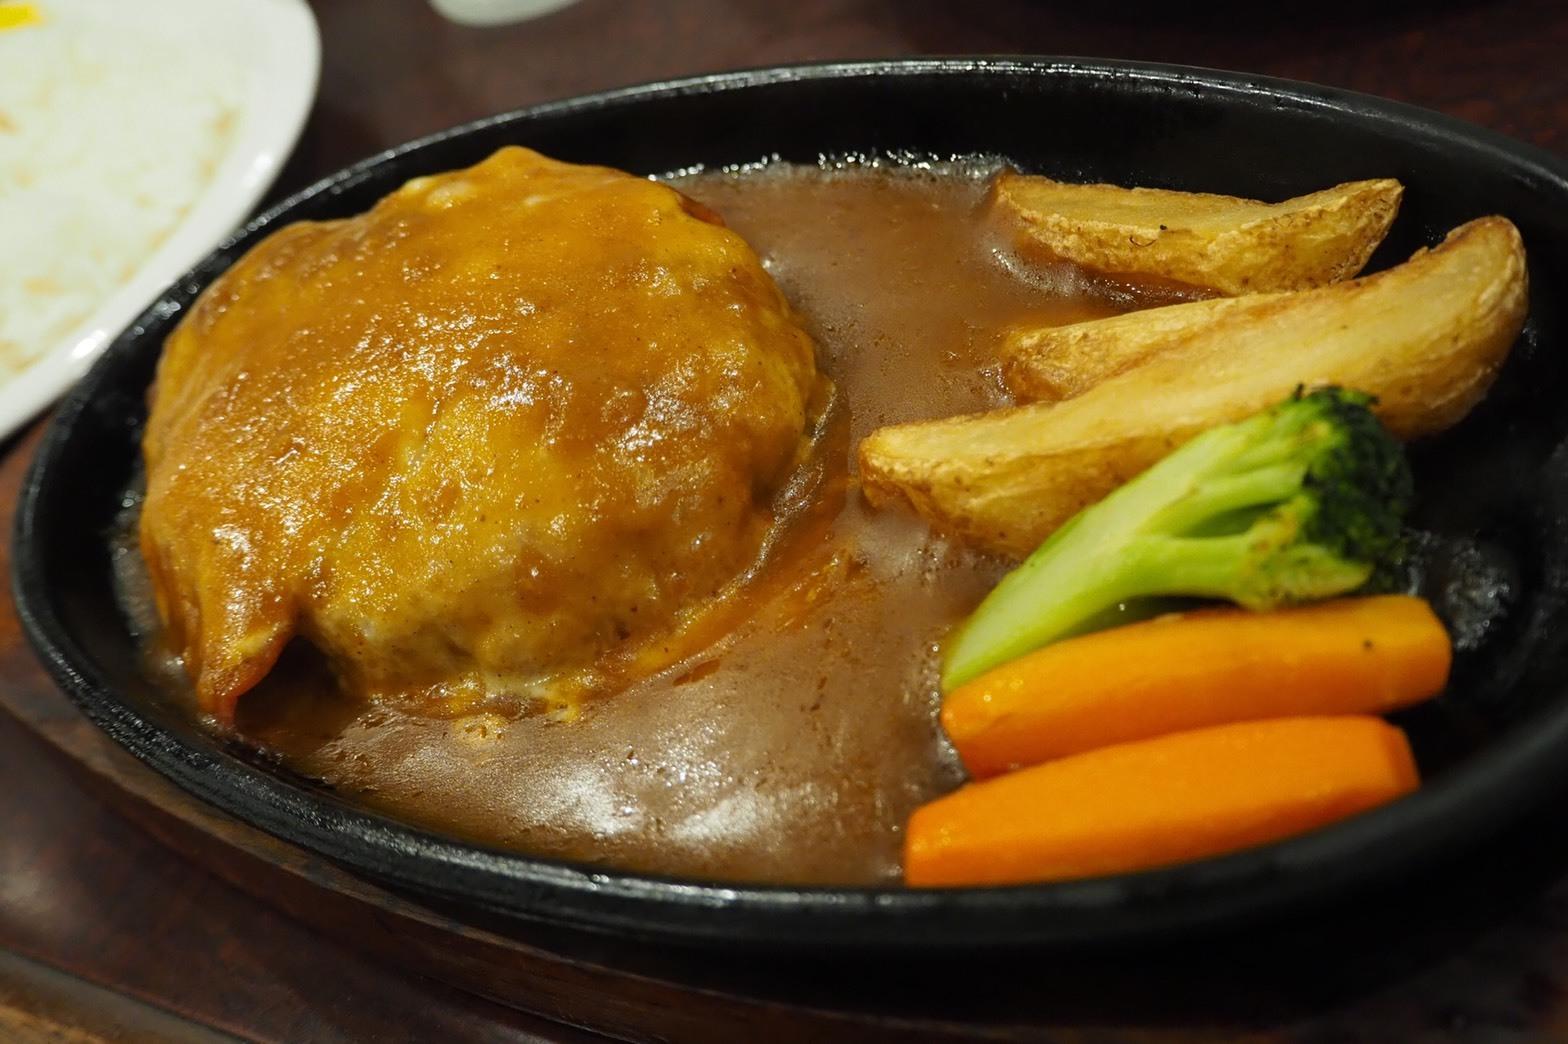 京阪沿線グルメ 京阪滝井駅前 カフェレスト シャルドン チーズベーコンハンバーグ定食